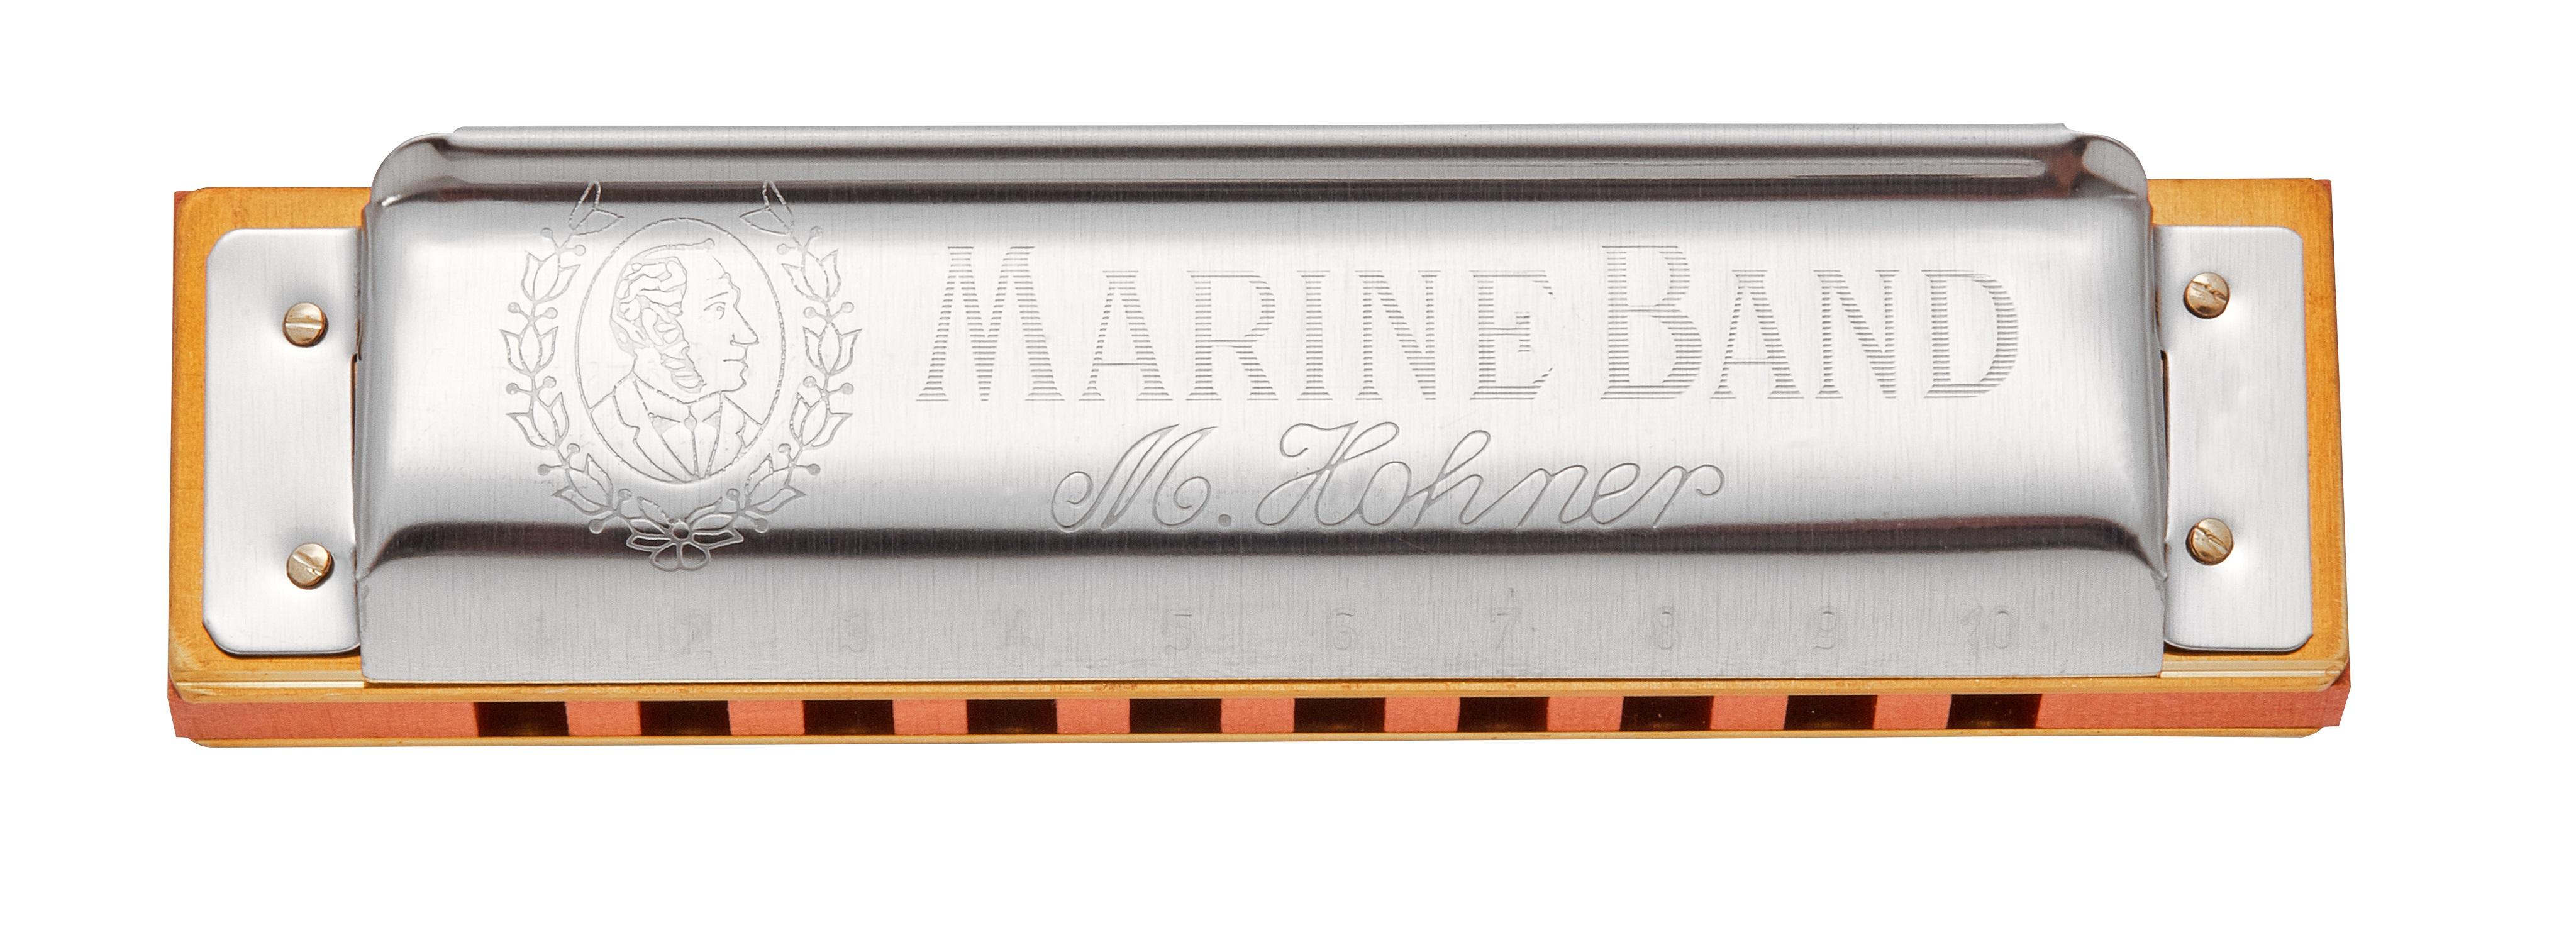 Hohner Marine Band 1896 B-harmonic minor